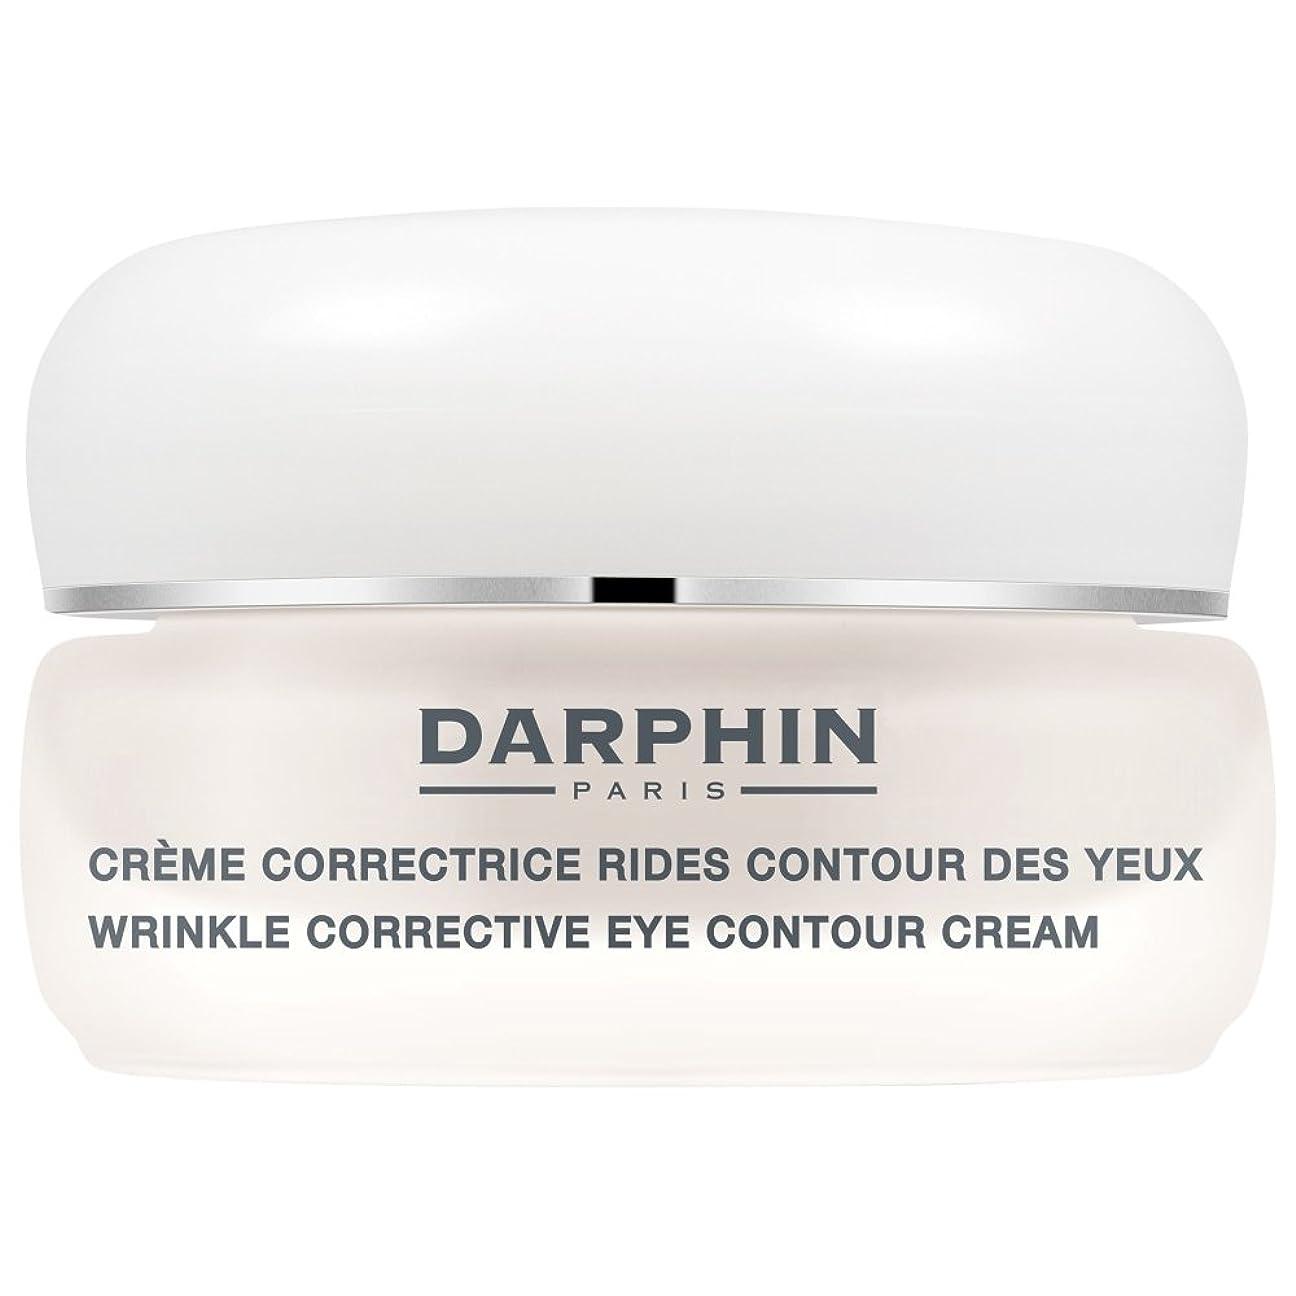 ノイズステンレス一時停止ダルファンのシワ矯正アイ輪郭クリーム15ミリリットル (Darphin) - Darphin Wrinkle Corrective Eye Contour Cream 15ml [並行輸入品]